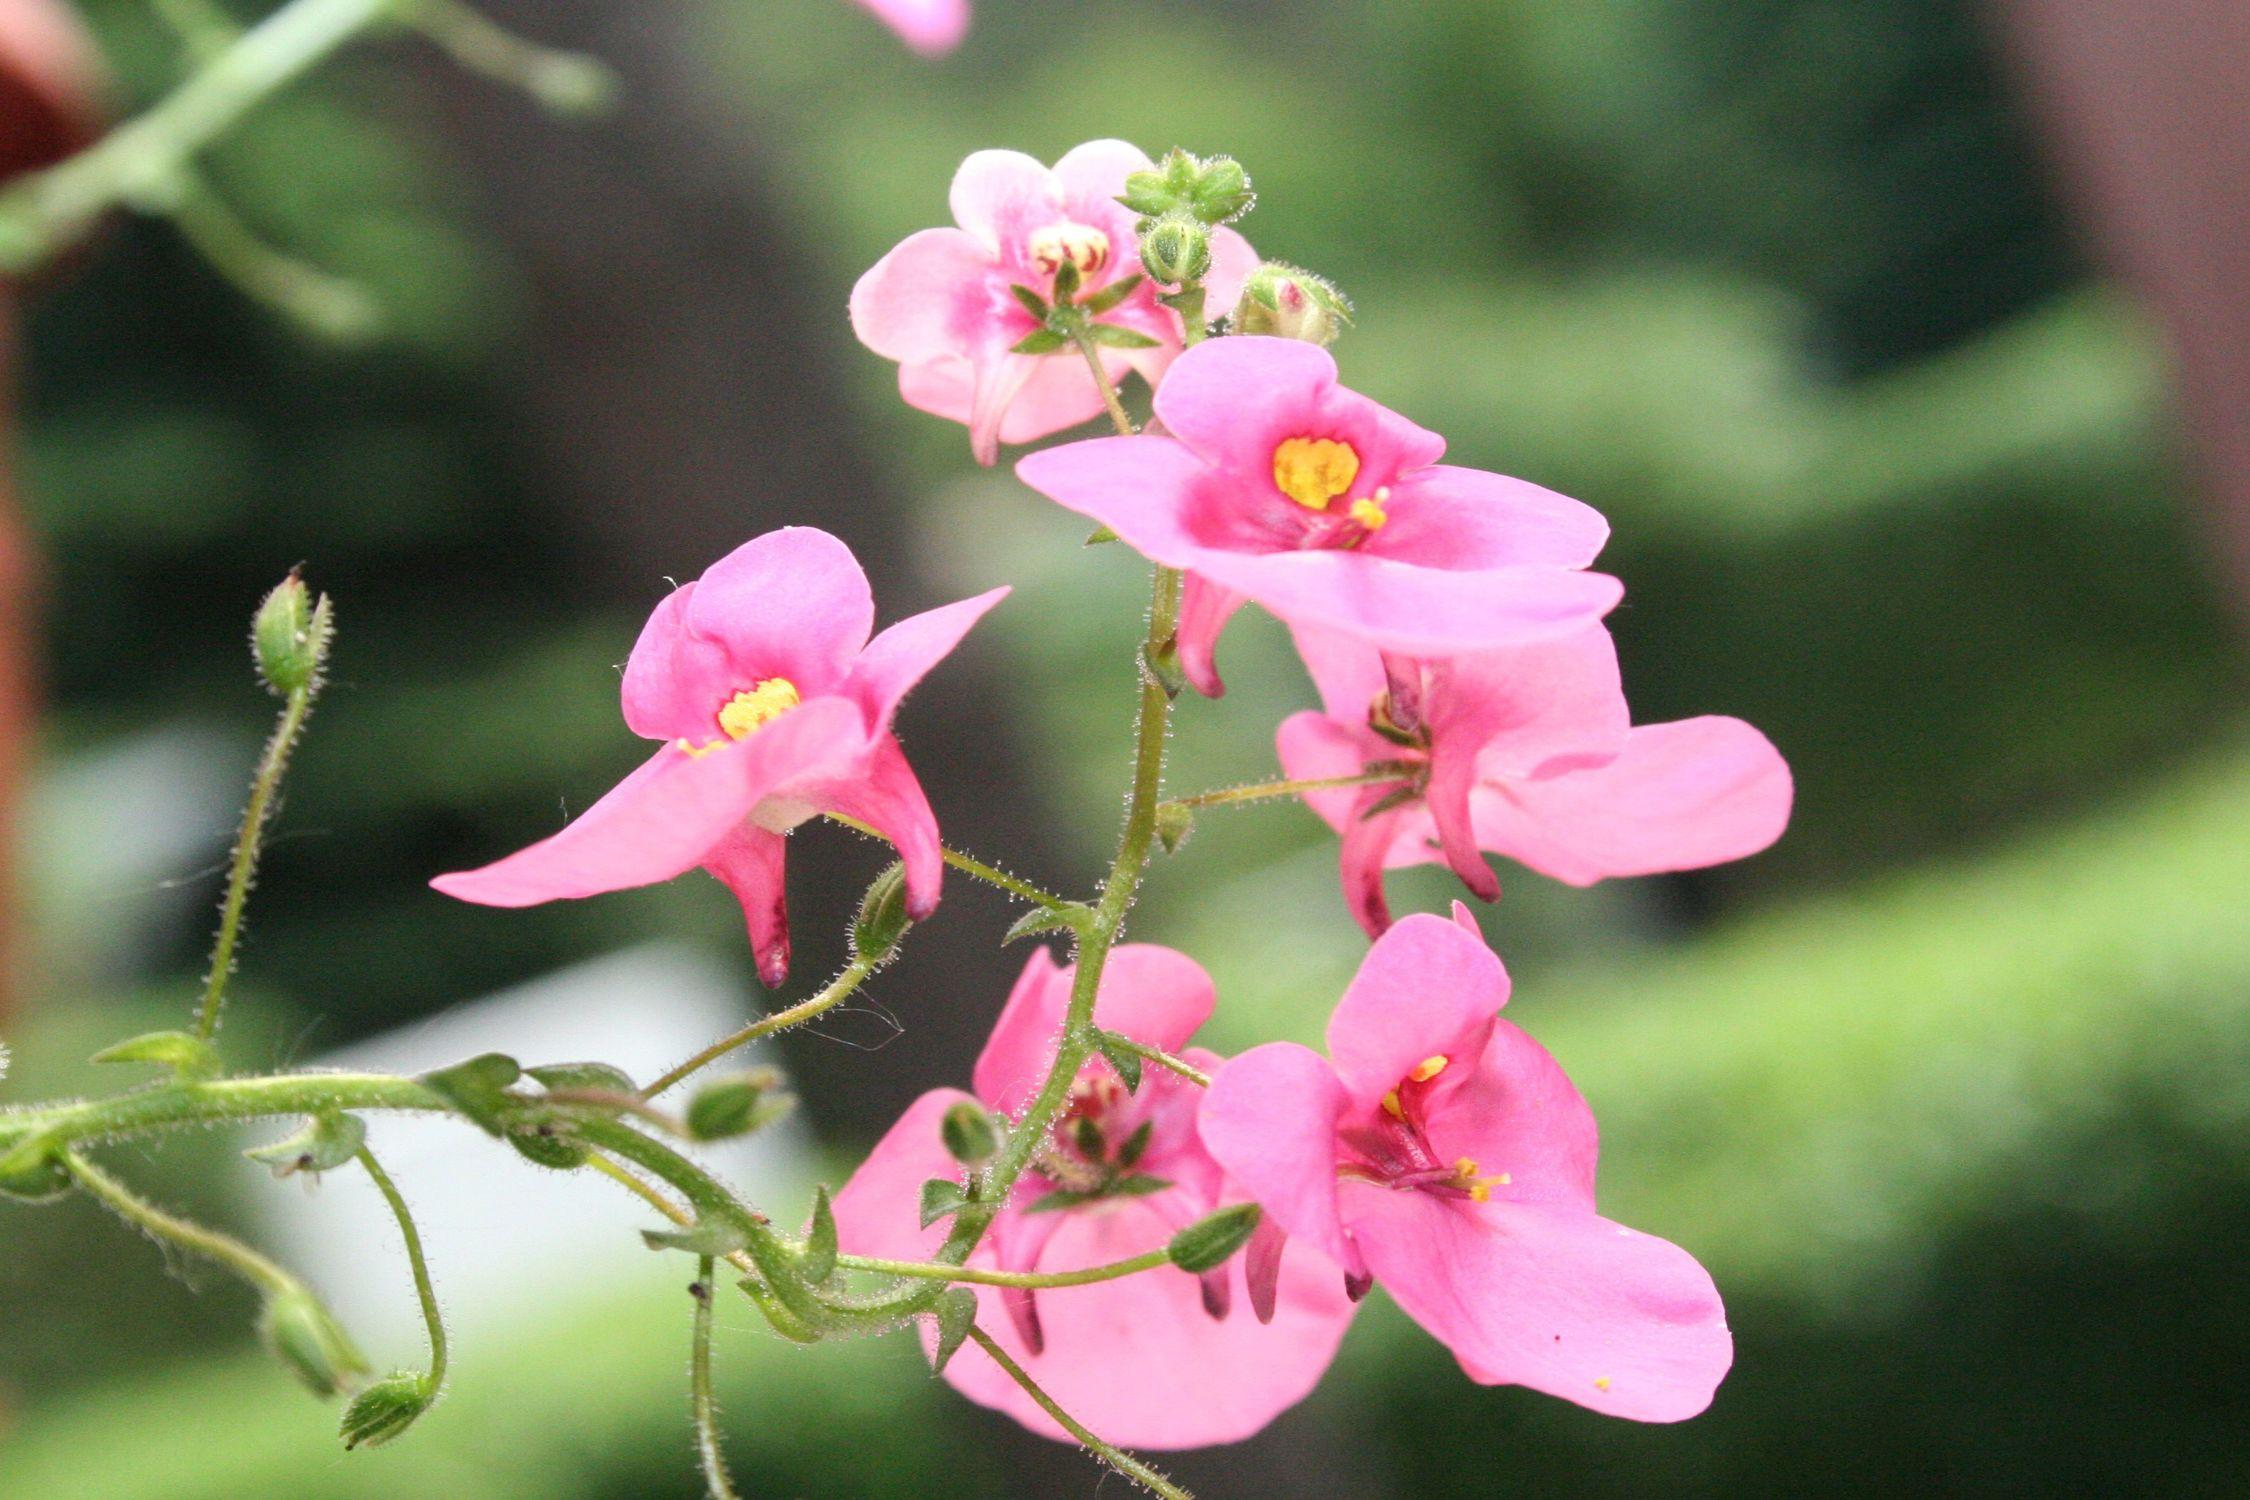 Bild mit Farben, Natur, Pflanzen, Blumen, Rosa, Blume, Pflanze